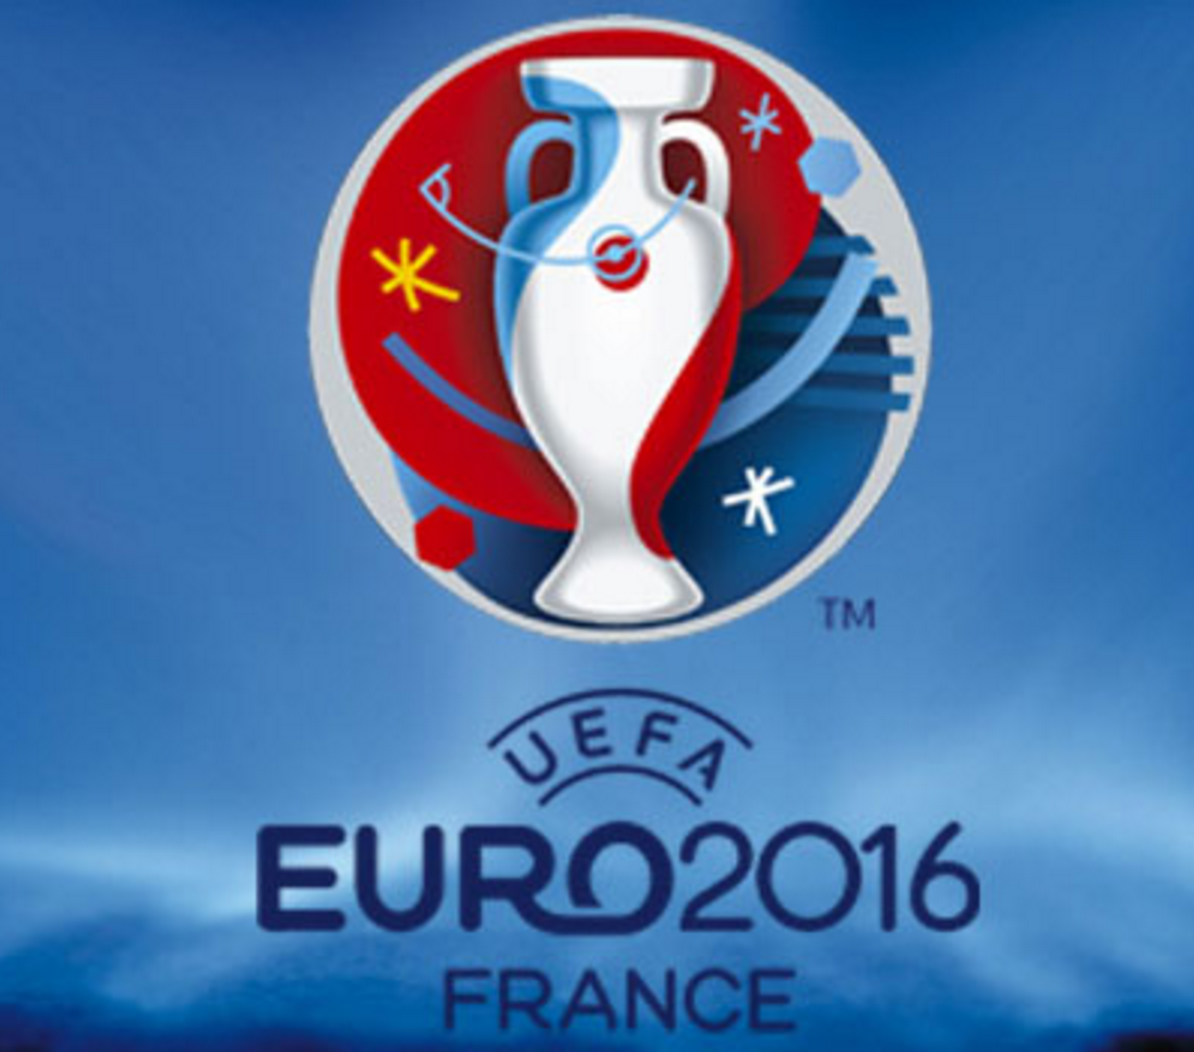 Fotball-EM i Frankrike til sommeren er et nytt mål for terrorangrep fra IS